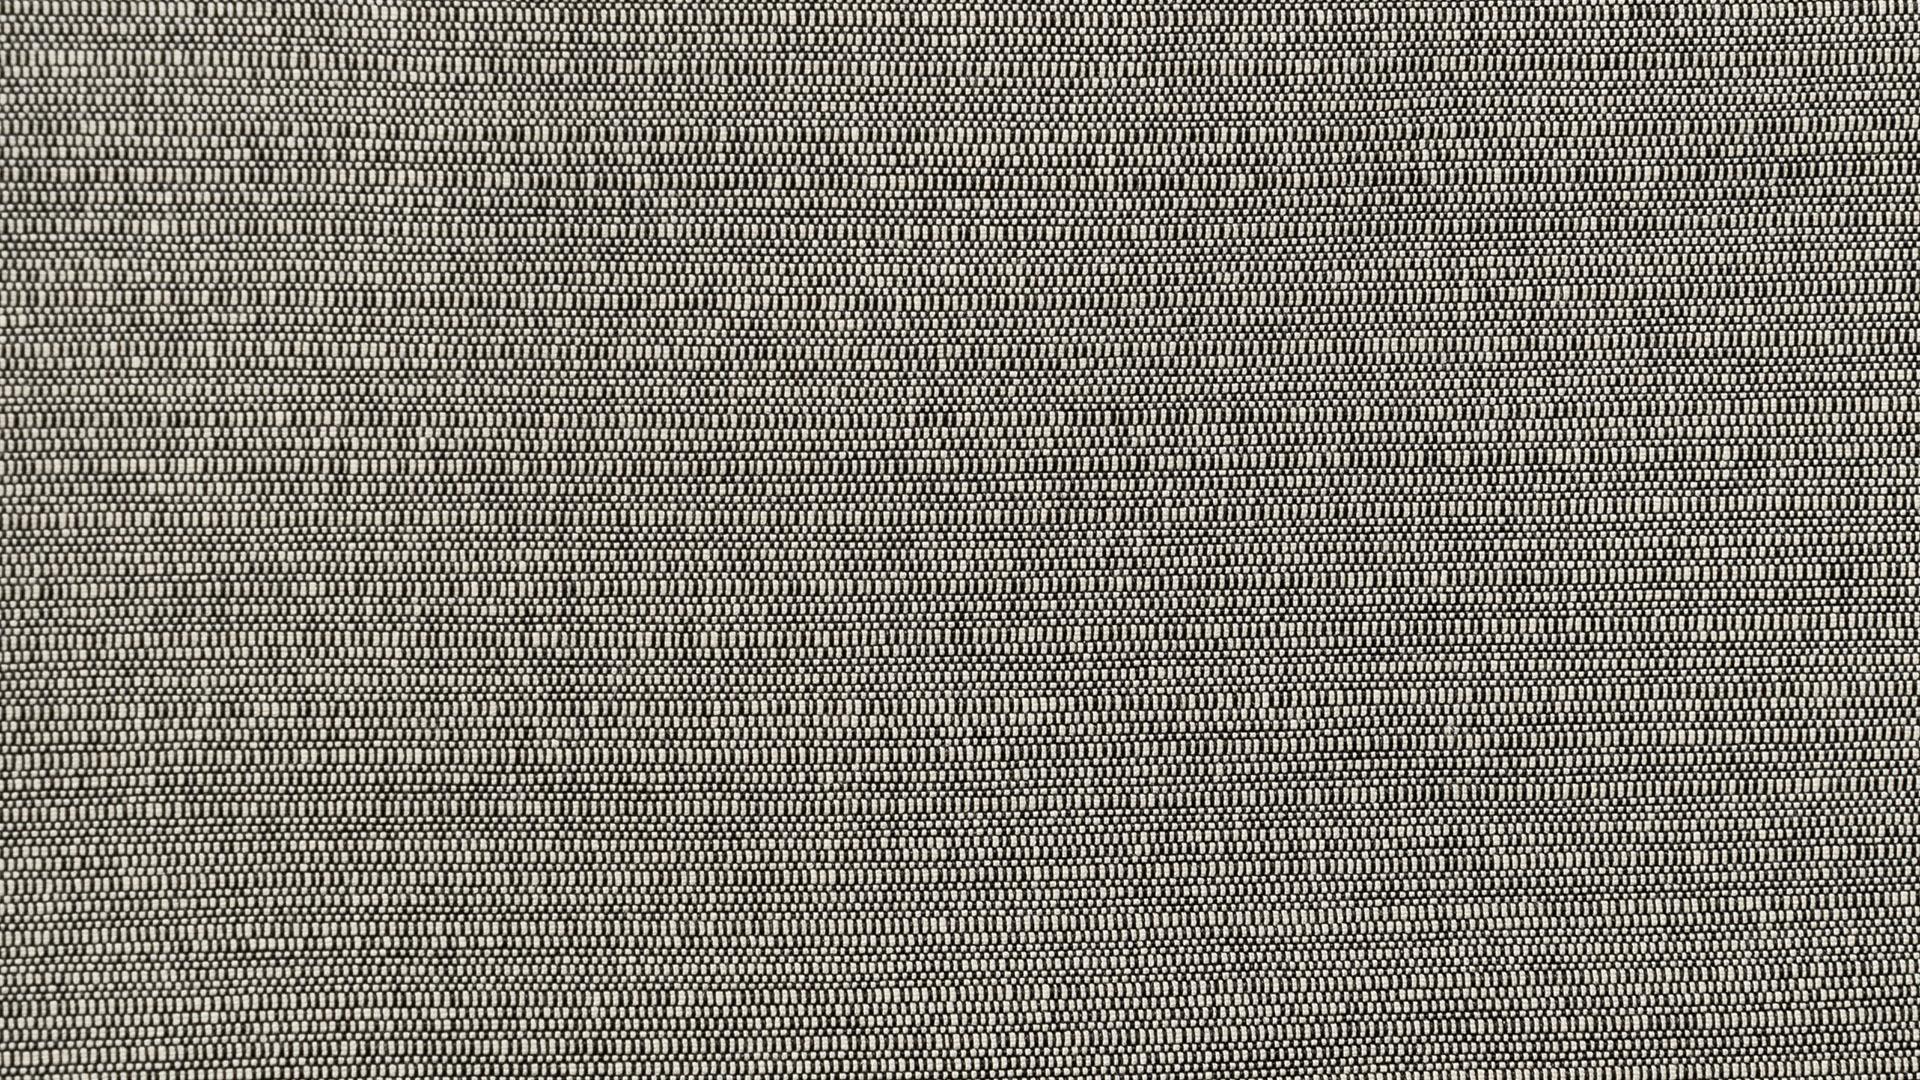 SEE Bankauflage 120 x 47 x 3 cm